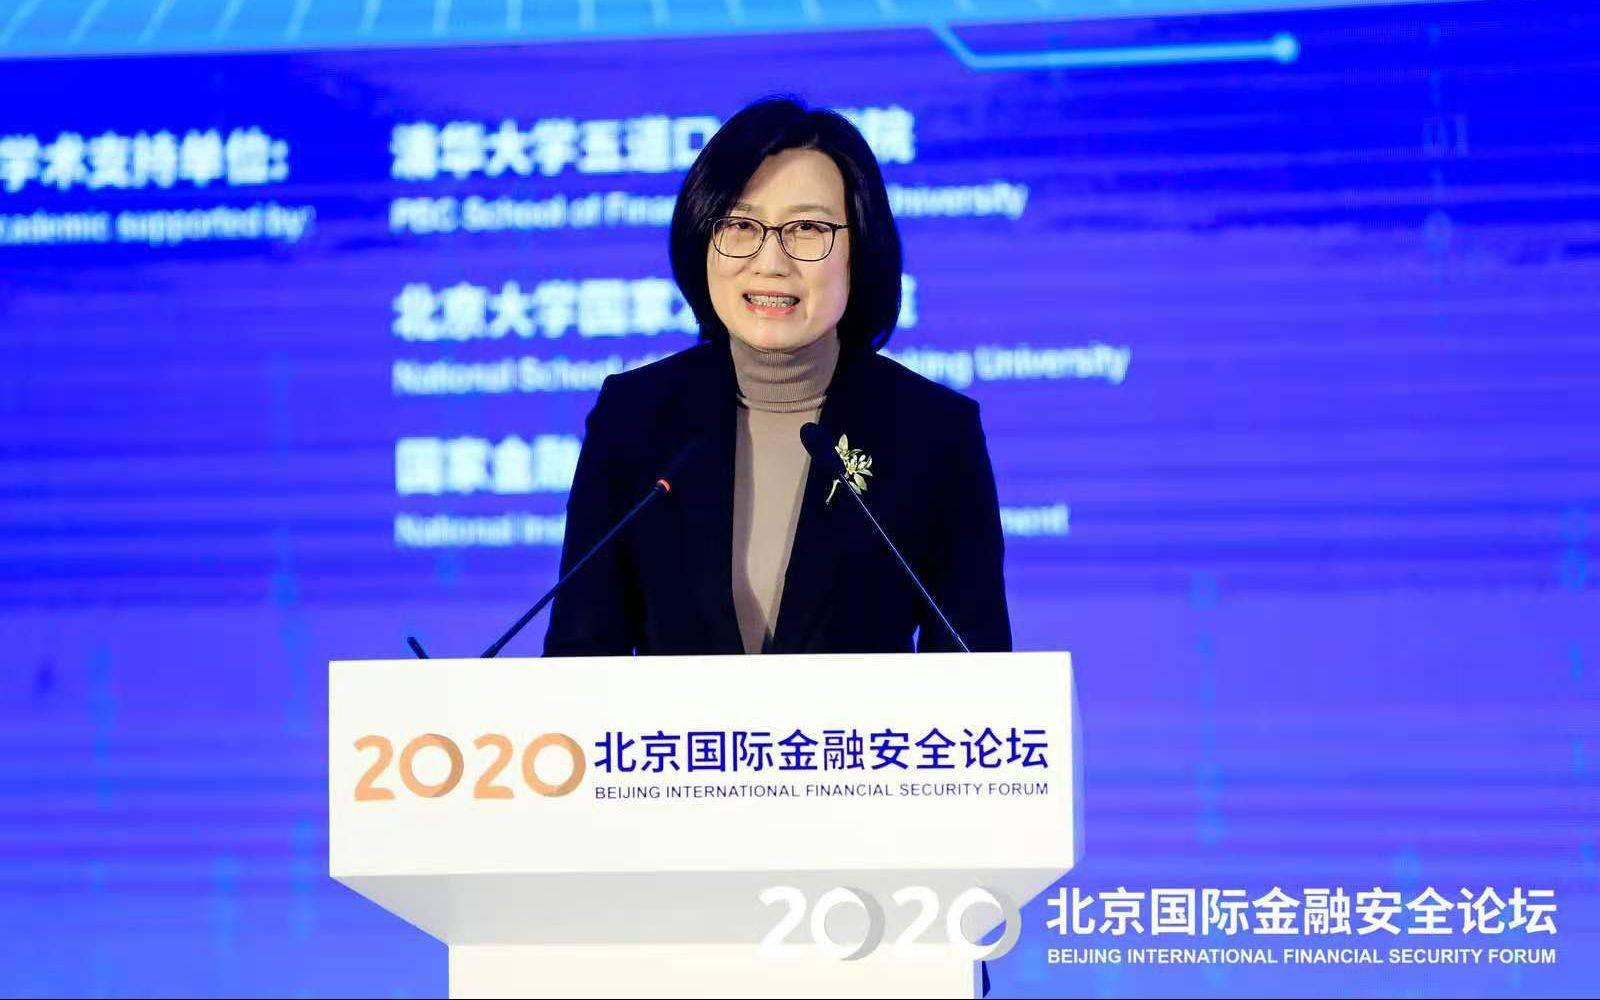 房山区长郭延红:北京金融安全产业园累计税收总额已超10亿元